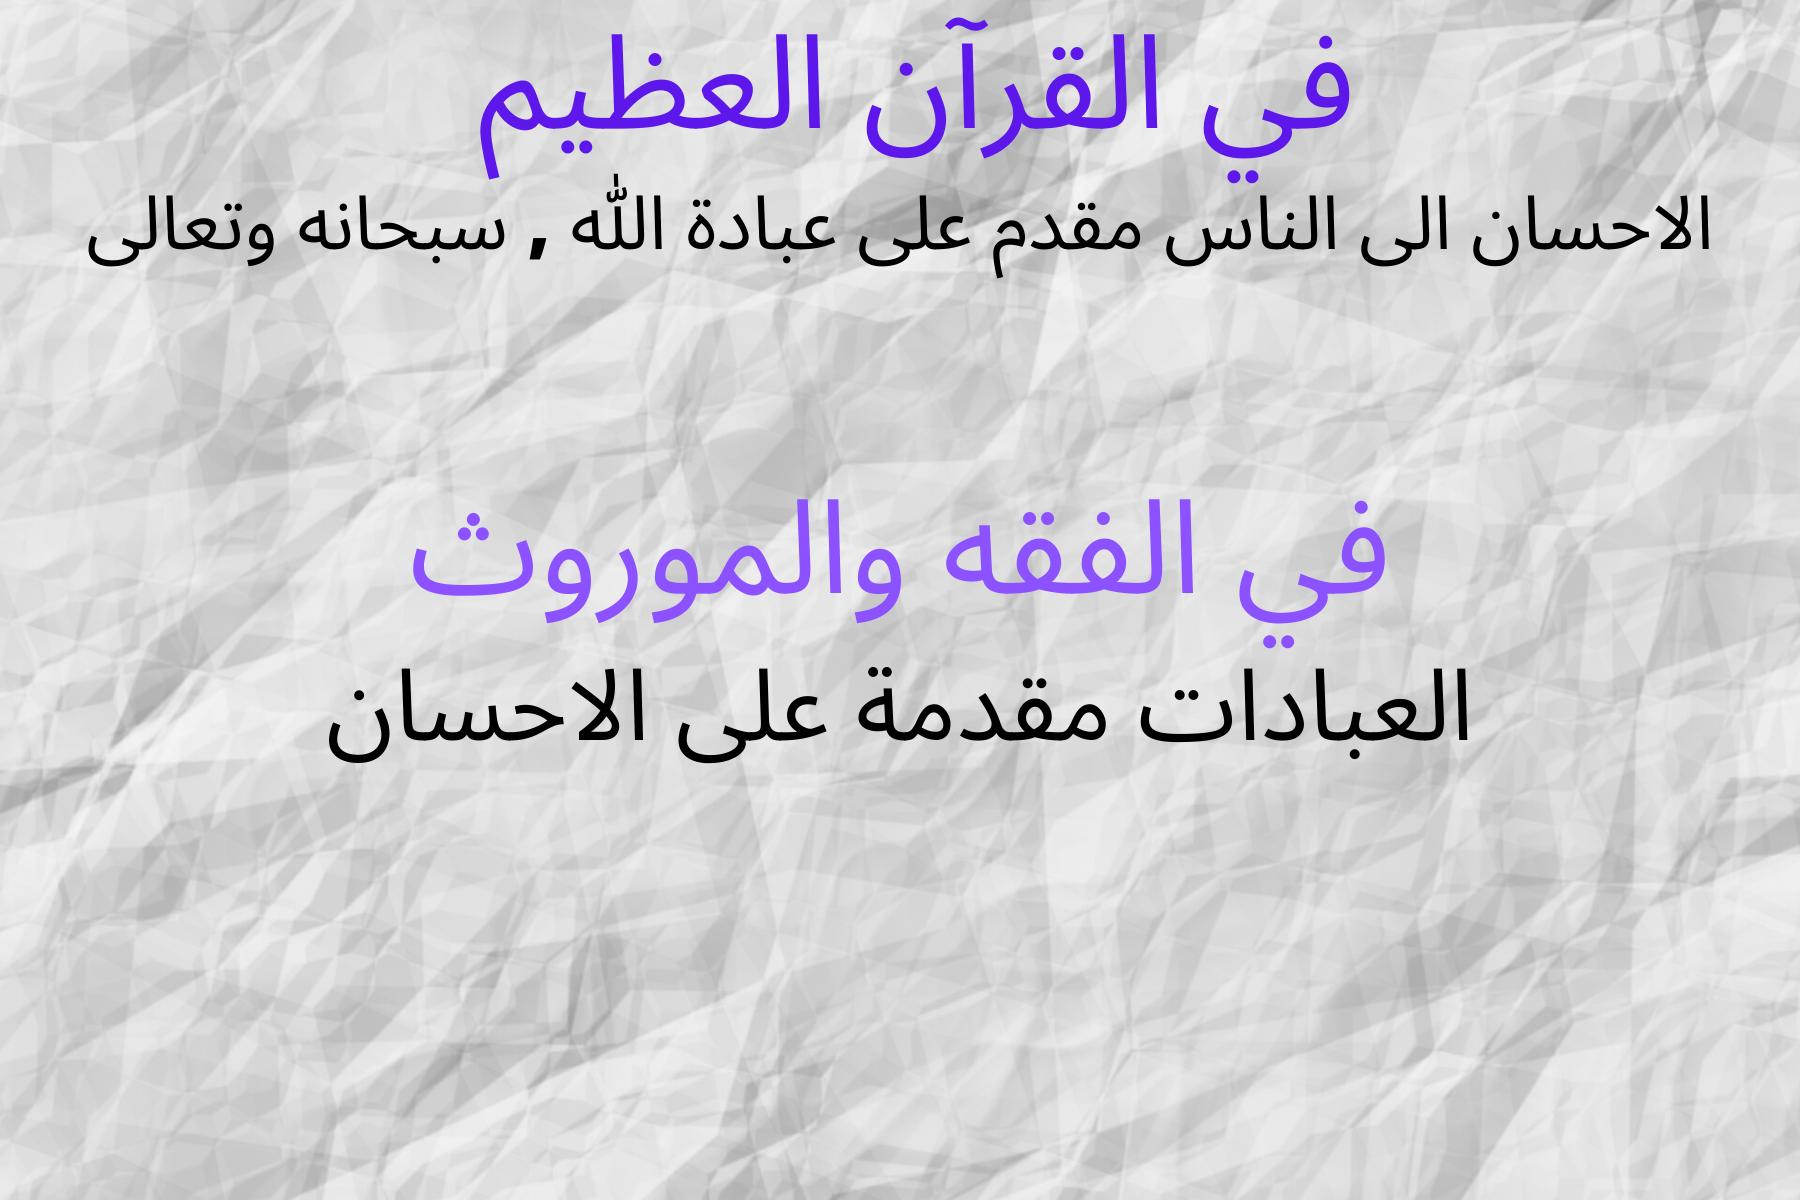 في القرآن العظيم الاحسان الى الناس مقدم على عبادات في الفقه والموروث العبادات مقدمة على الاحسان Facebook Sign Up Facebook Sign Signup